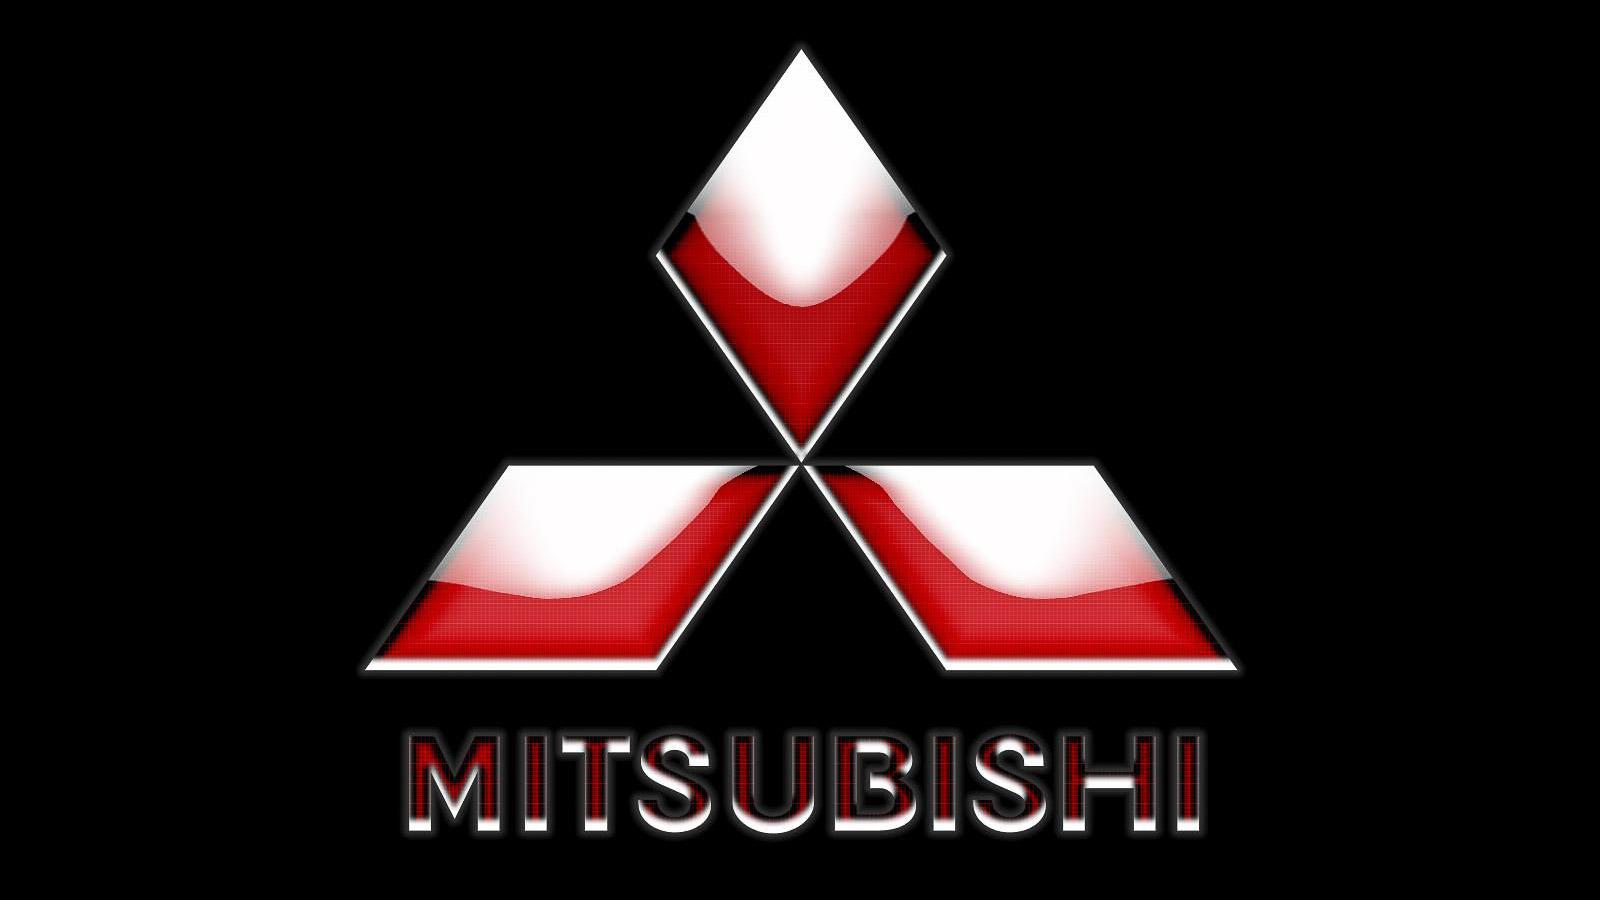 Логотип митсубиси обои на рабочий стол